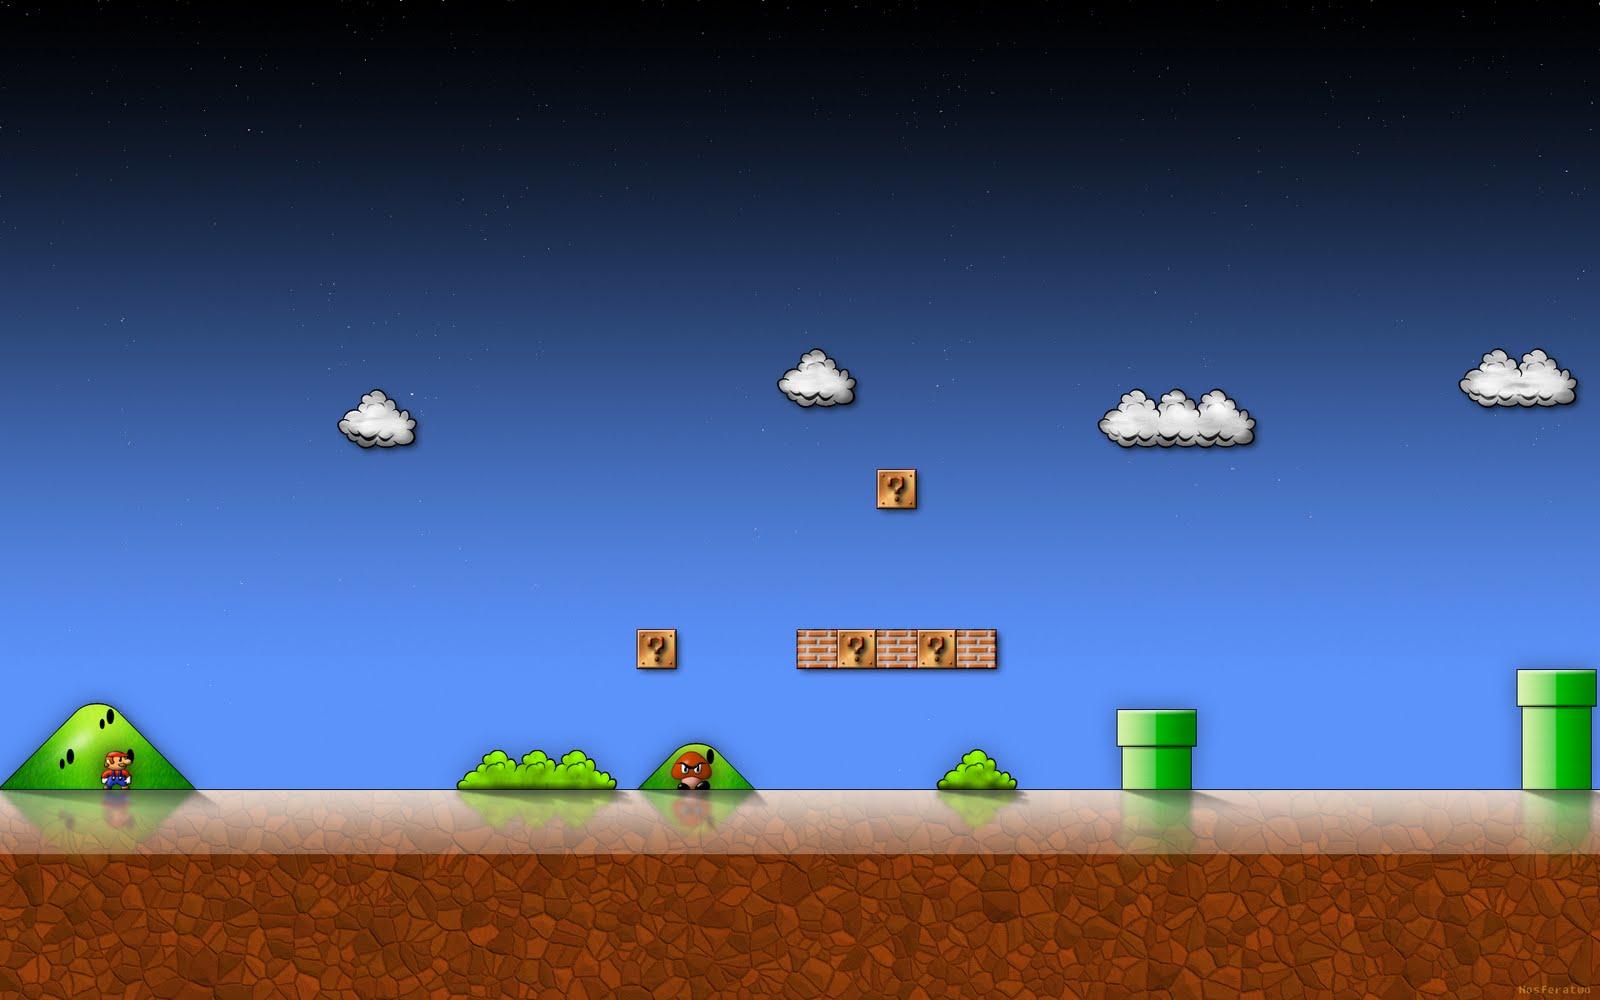 http://3.bp.blogspot.com/-7Qw5mBukUc0/Th33TFoNOmI/AAAAAAAAAm0/Ew30KEysYFU/s1600/Mario.jpg